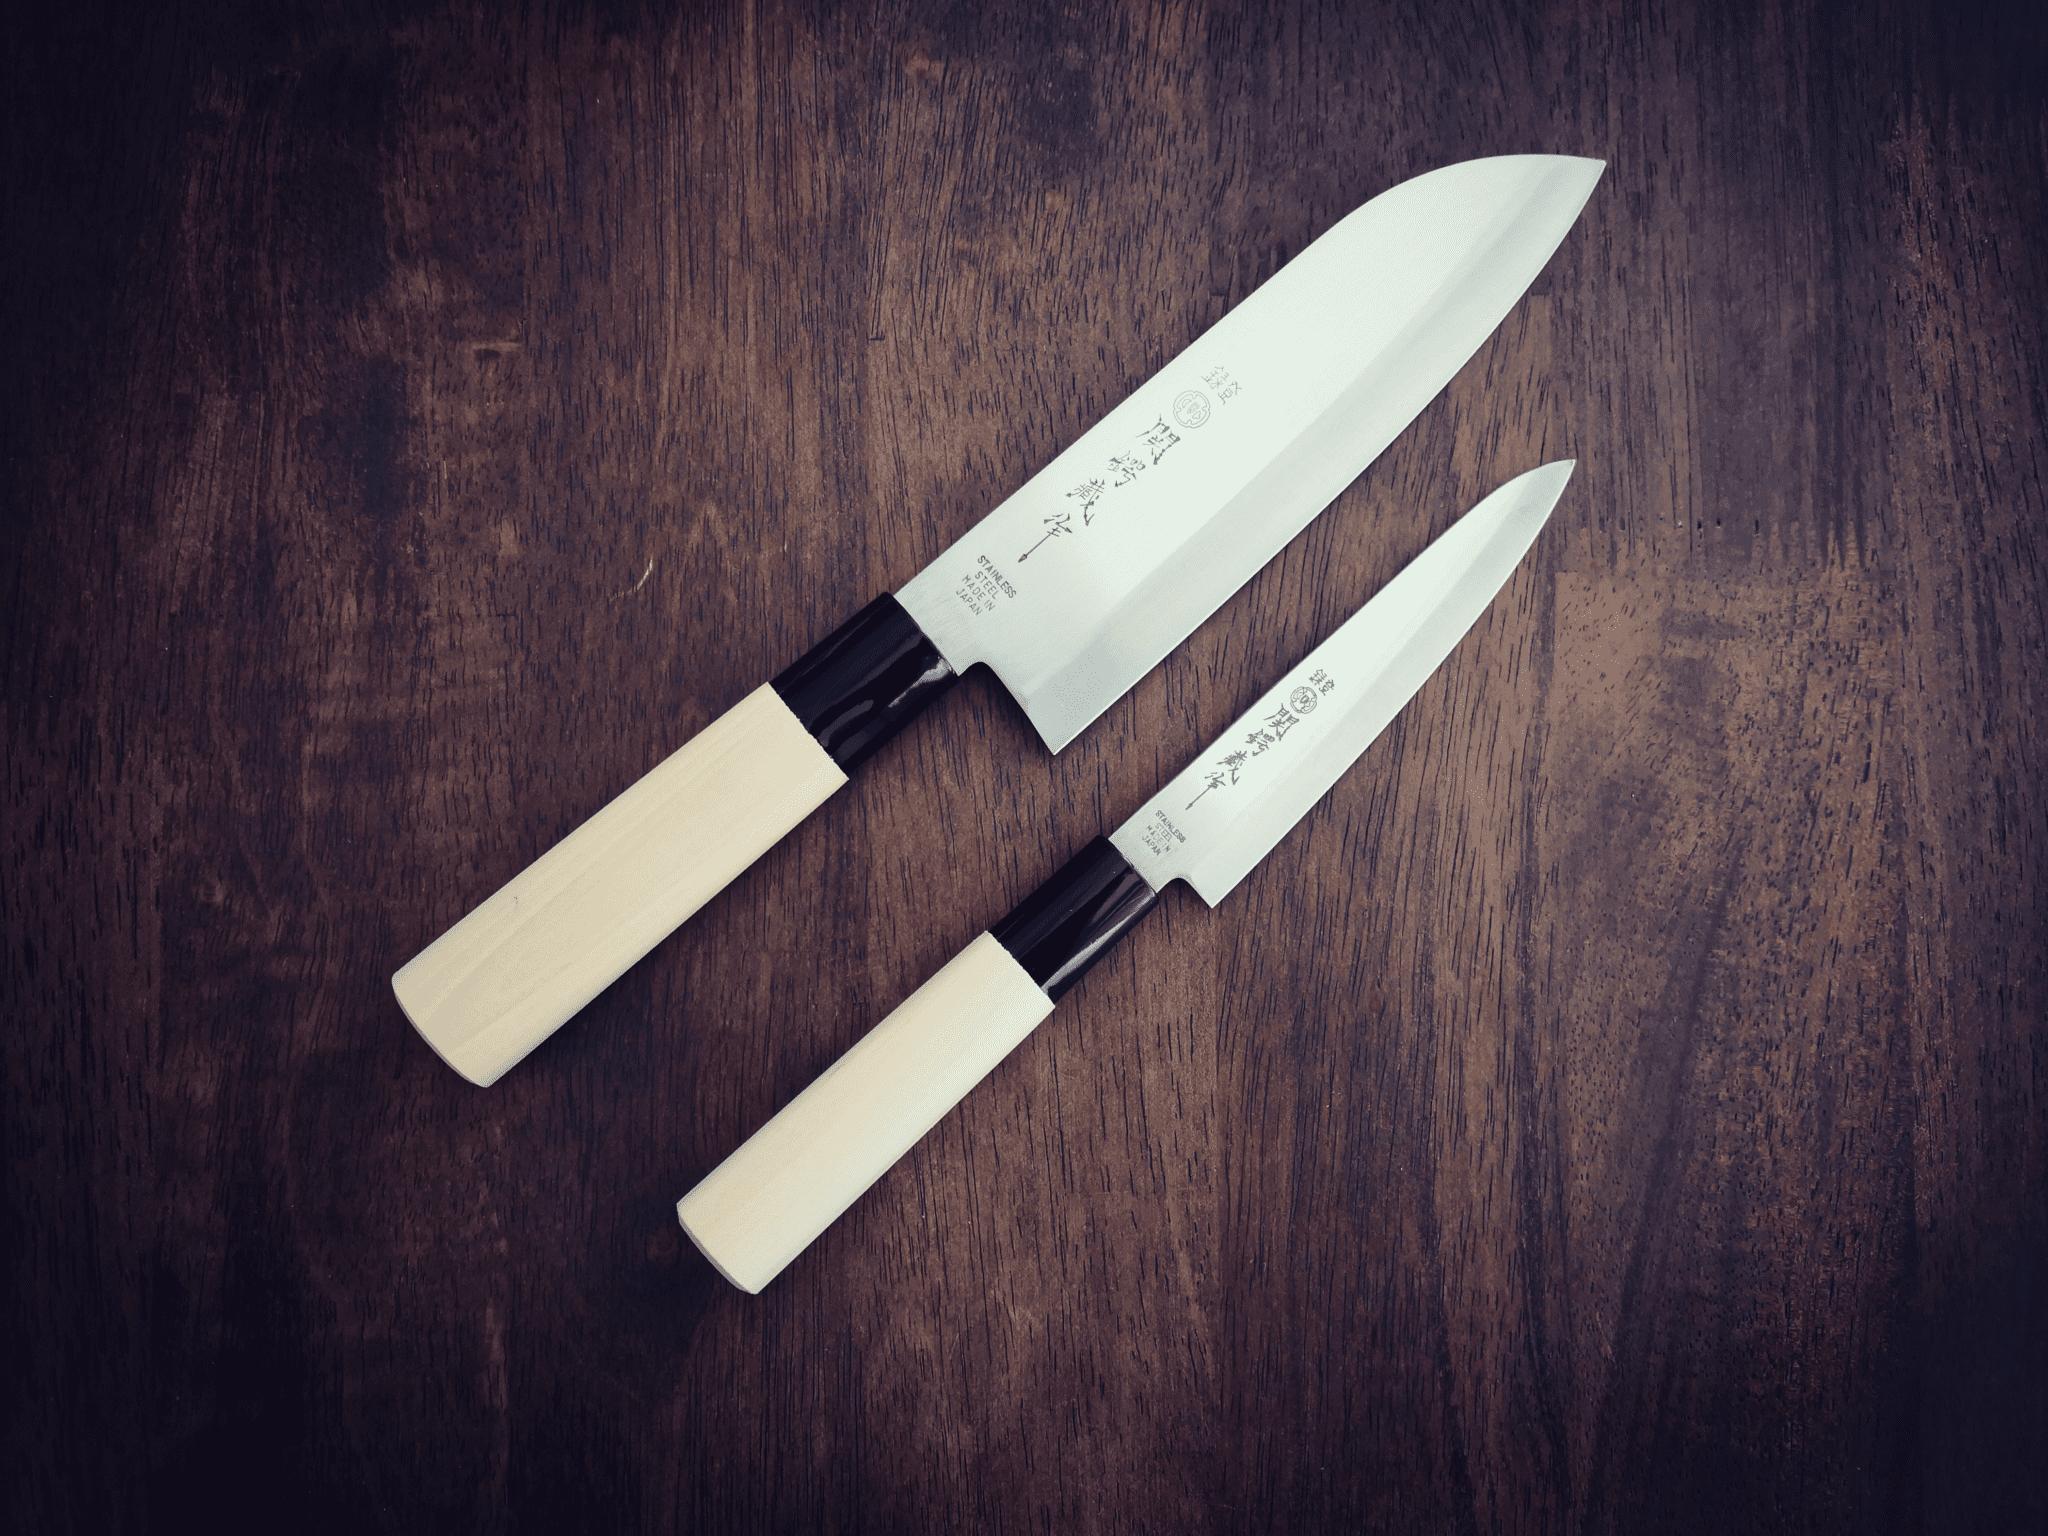 Knivsett Kokkekniv/Santoku, gavesett, kokkekniver, kjøkkenkniv, kjøkkekniver tilbud, gavesett Suncraft